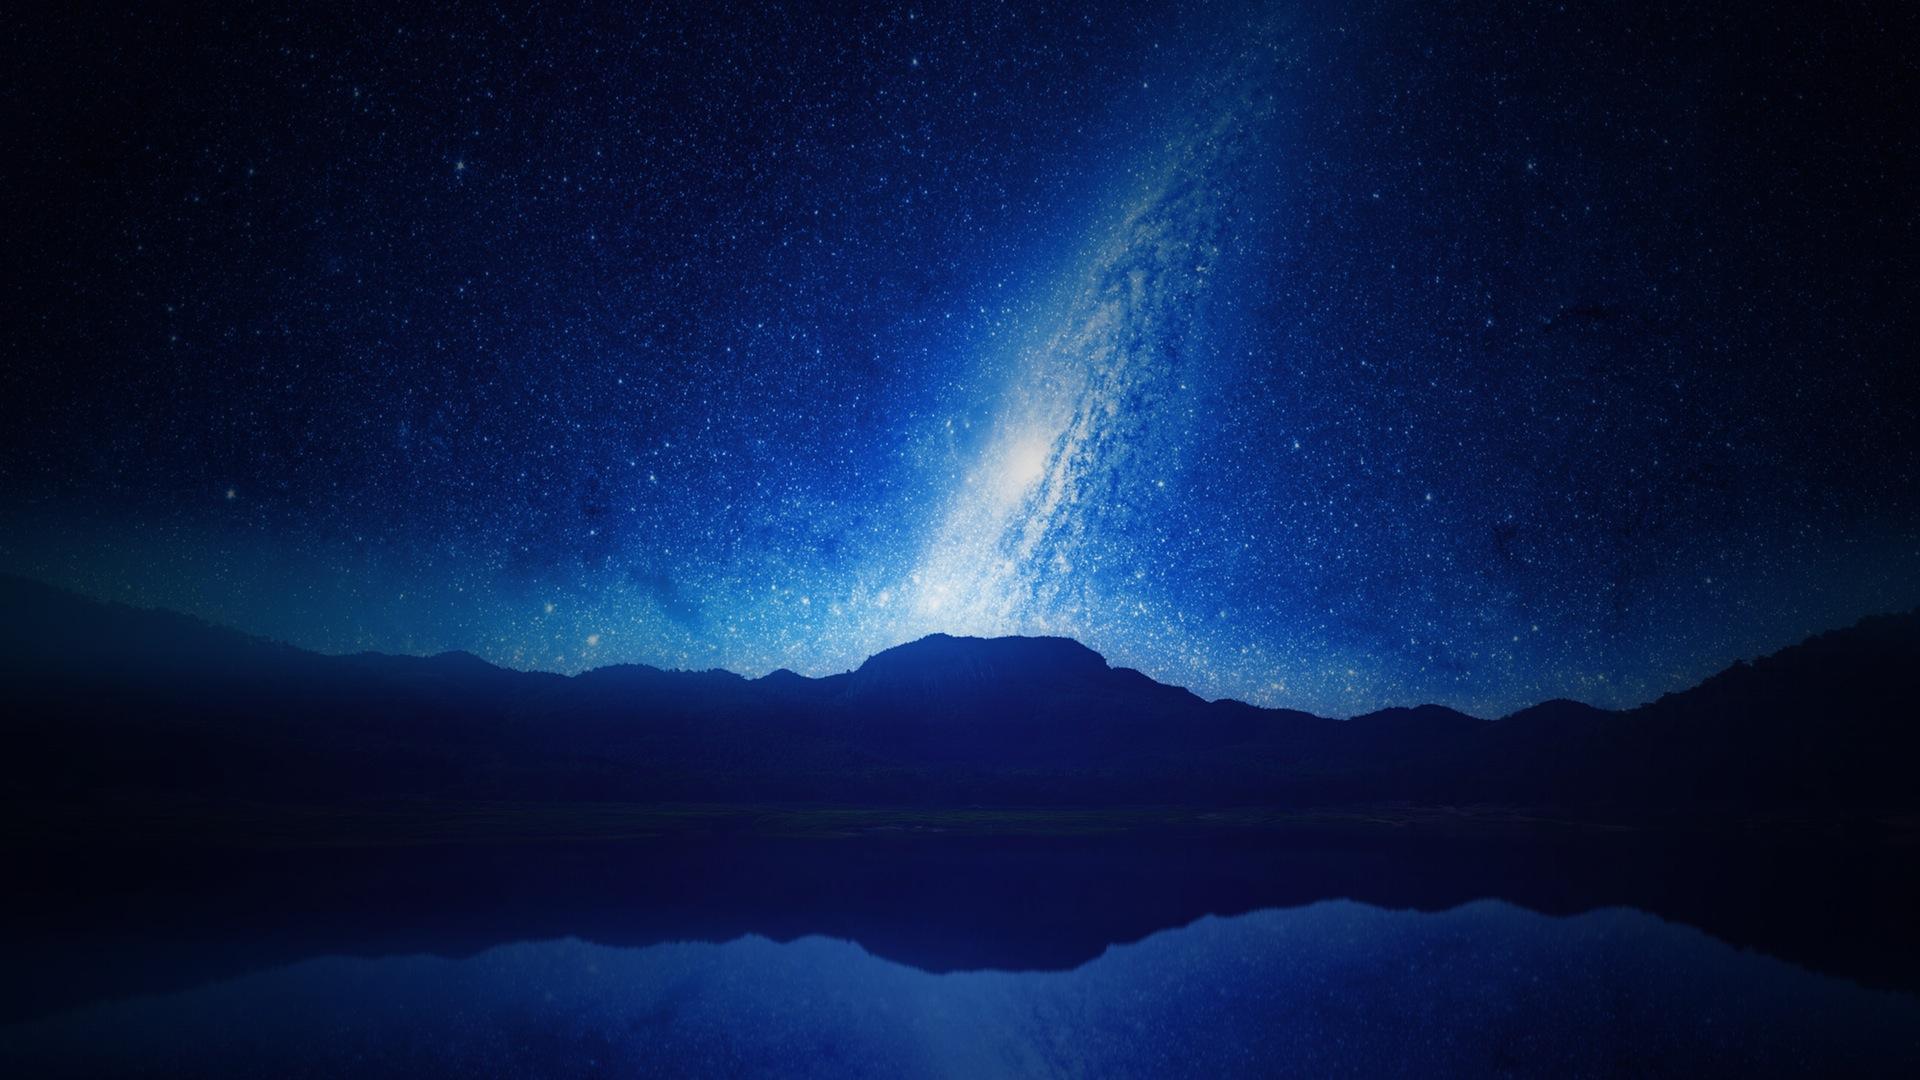 天空, 晚上, 星级, 山脉, 苍穹, galaxia, 银河 - 高清壁纸 - 教授-falken.com